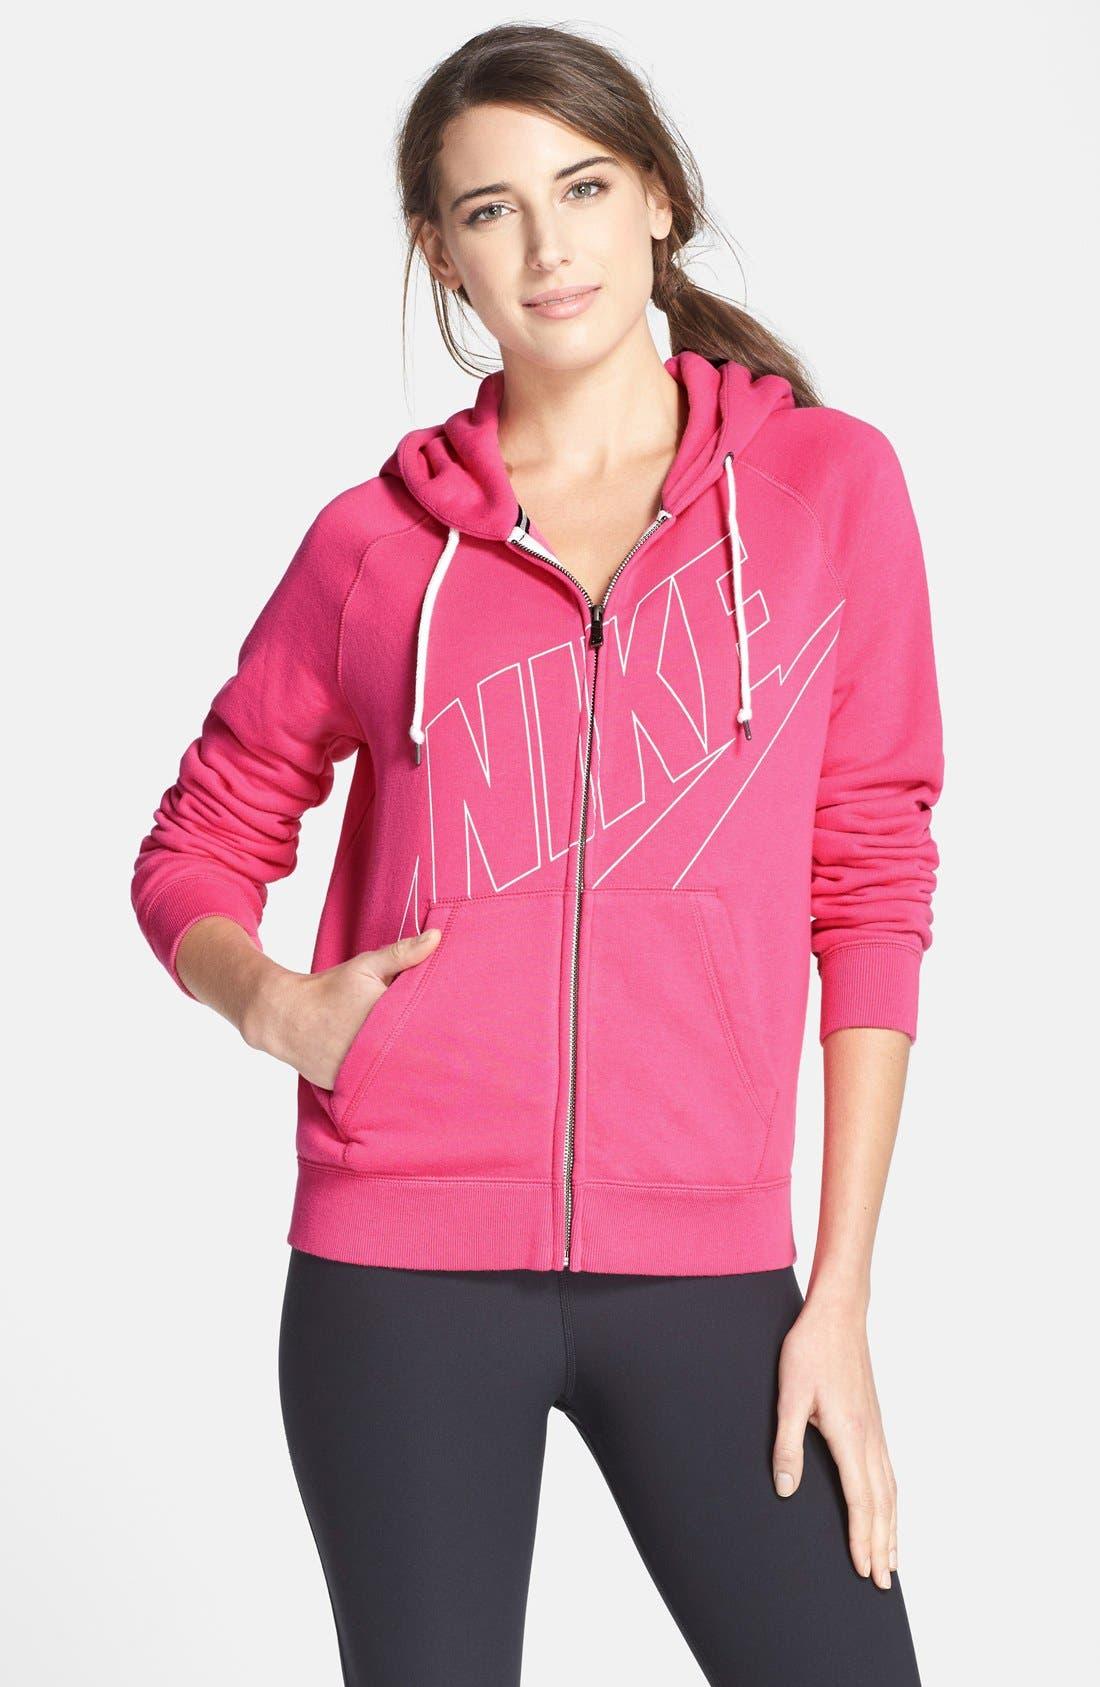 Alternate Image 1 Selected - Nike 'Rally' Zip Hoodie